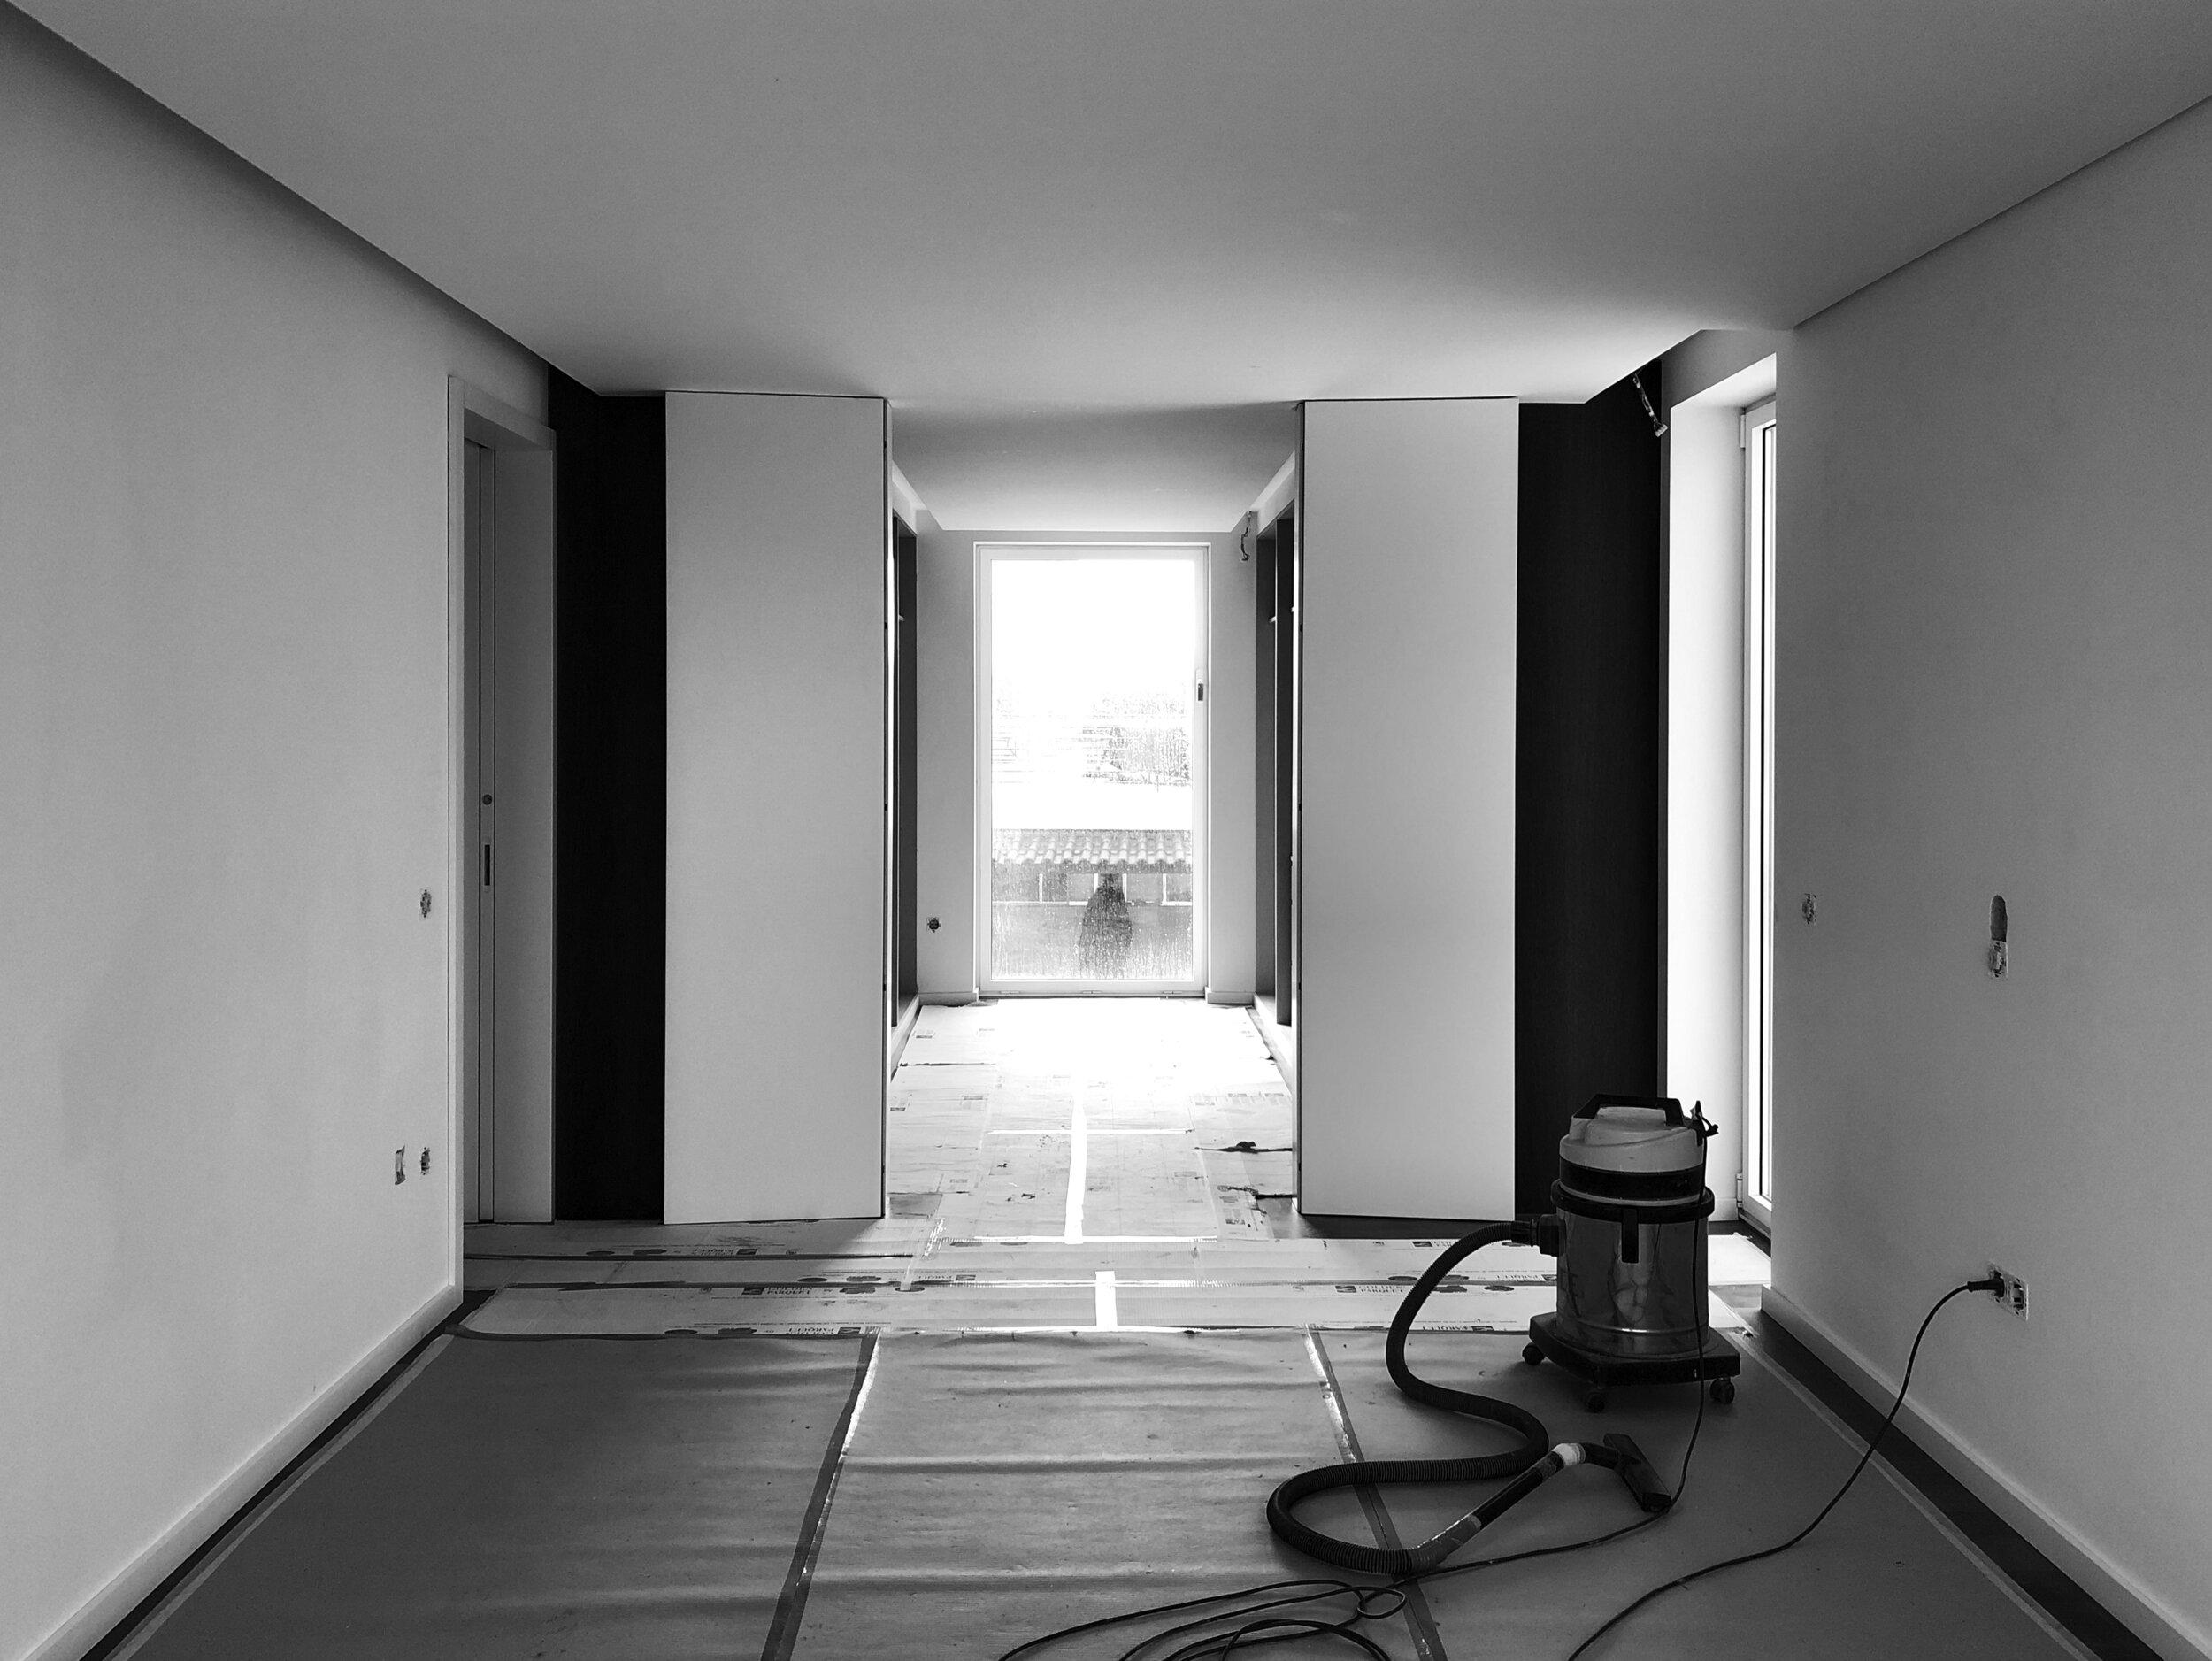 Moradia Alfazema - EVA evolutionary architecture - arquitetura - habitação (6).jpg